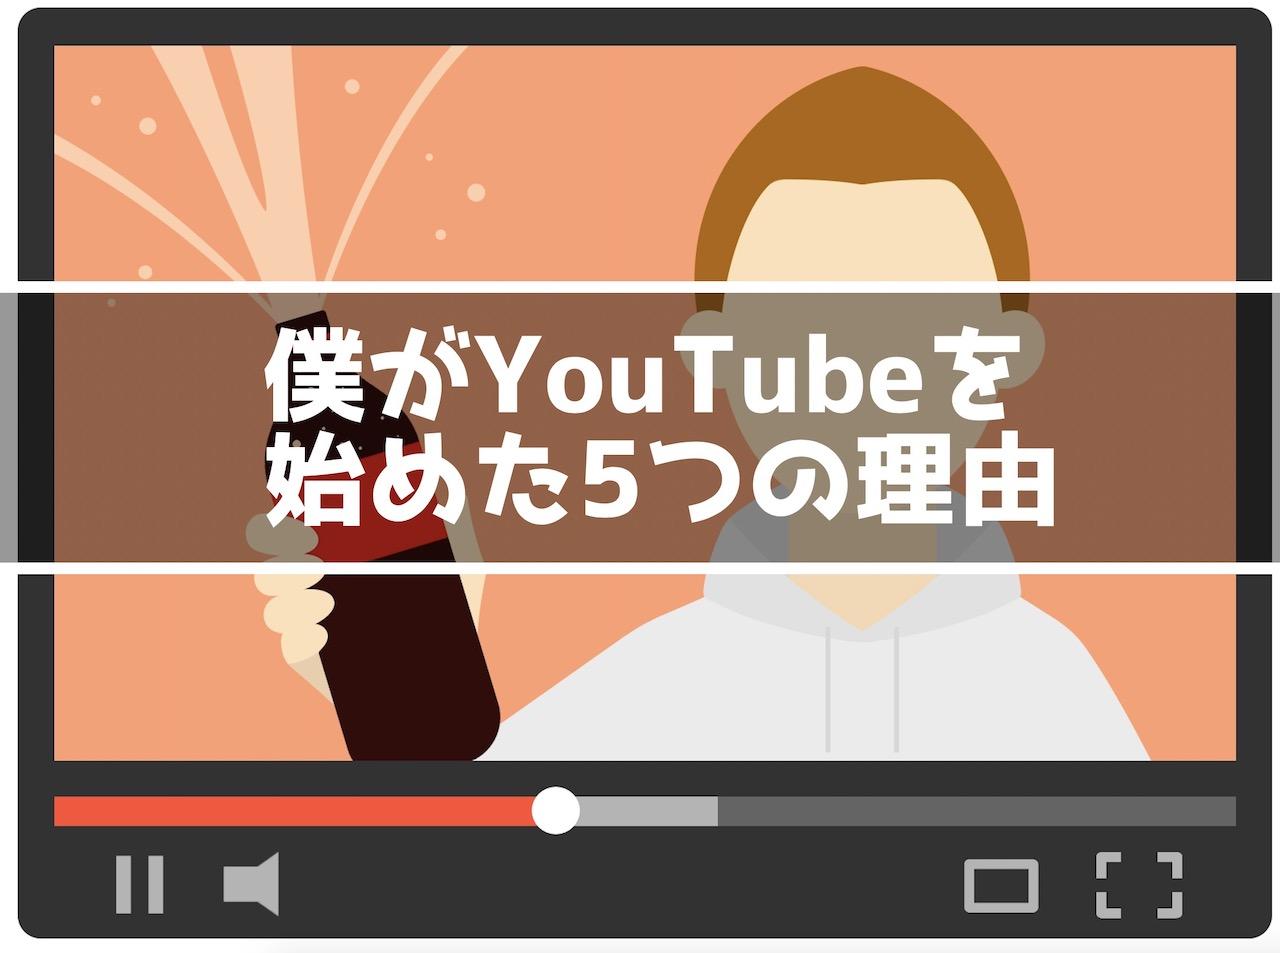 ブロガーからYouTubeへ